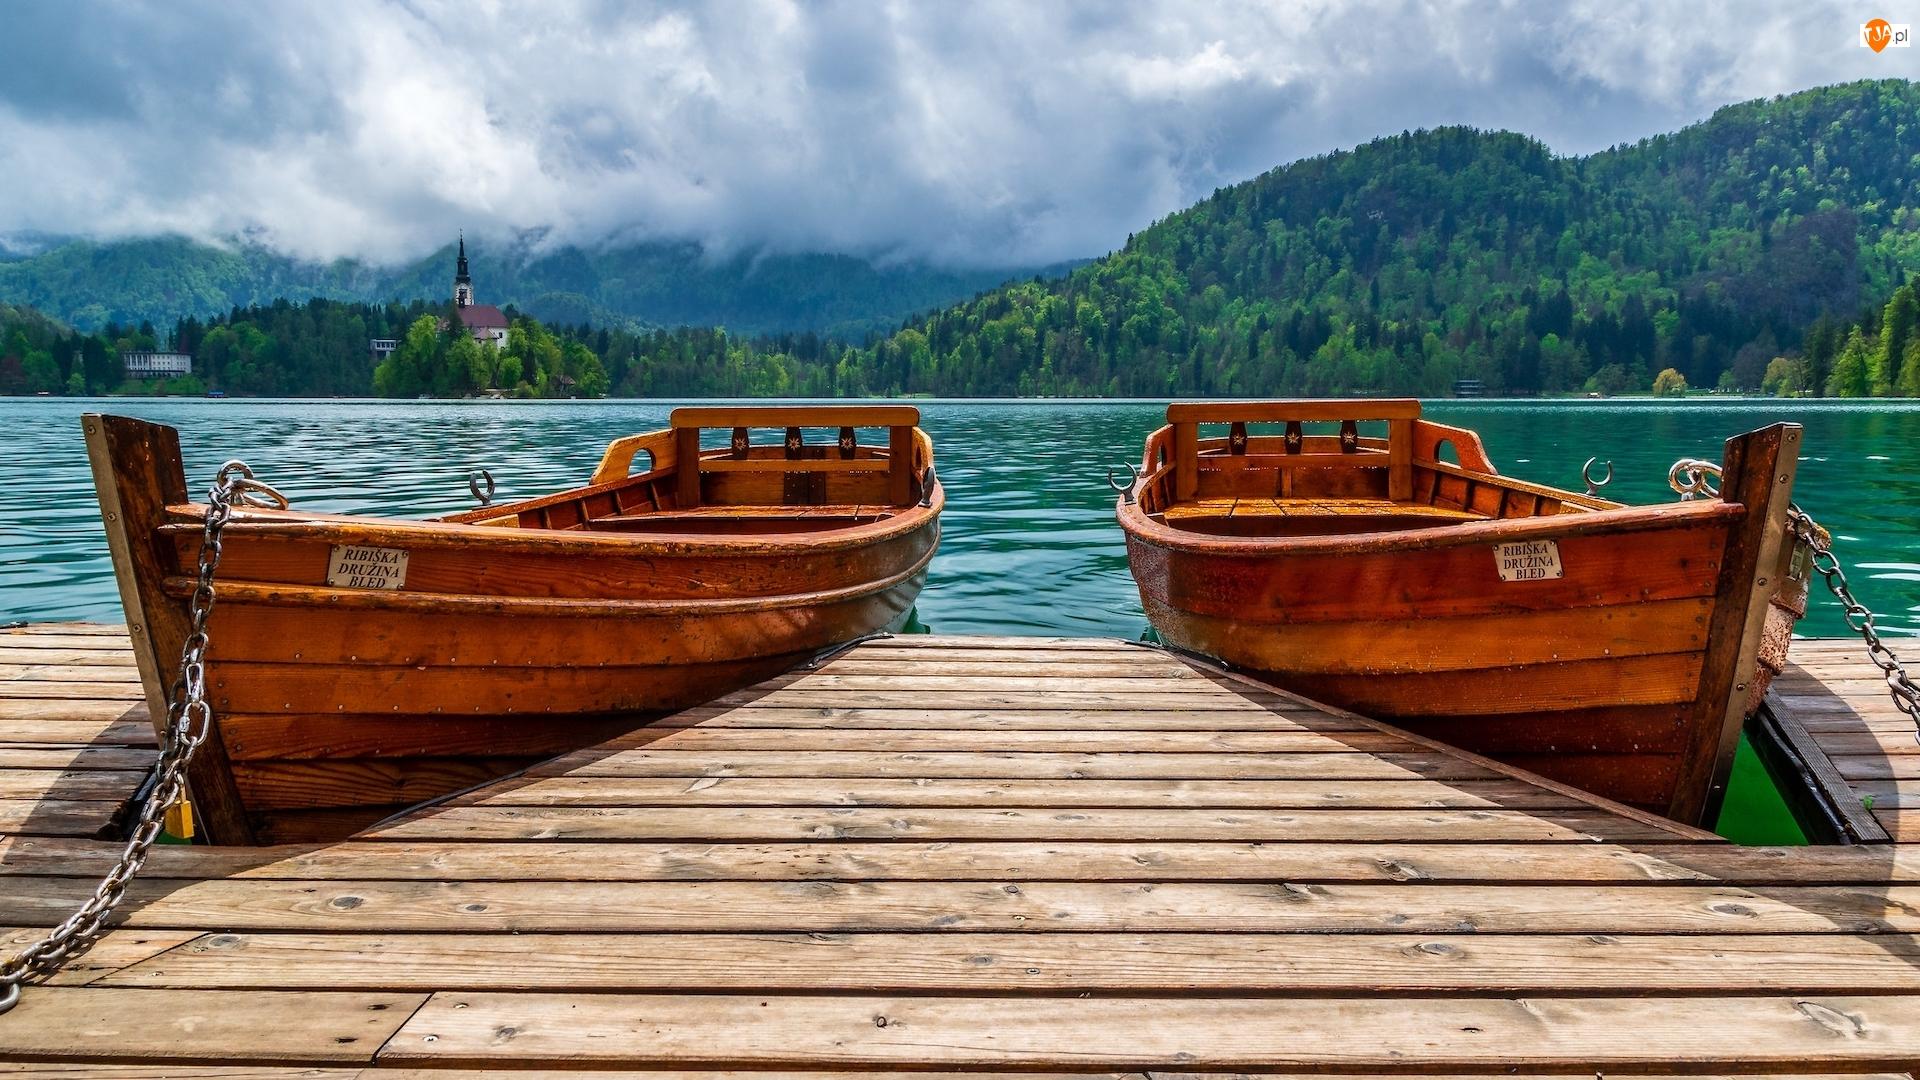 Przystań, Łódki, Jezioro Bled, Słowenia, Pomost